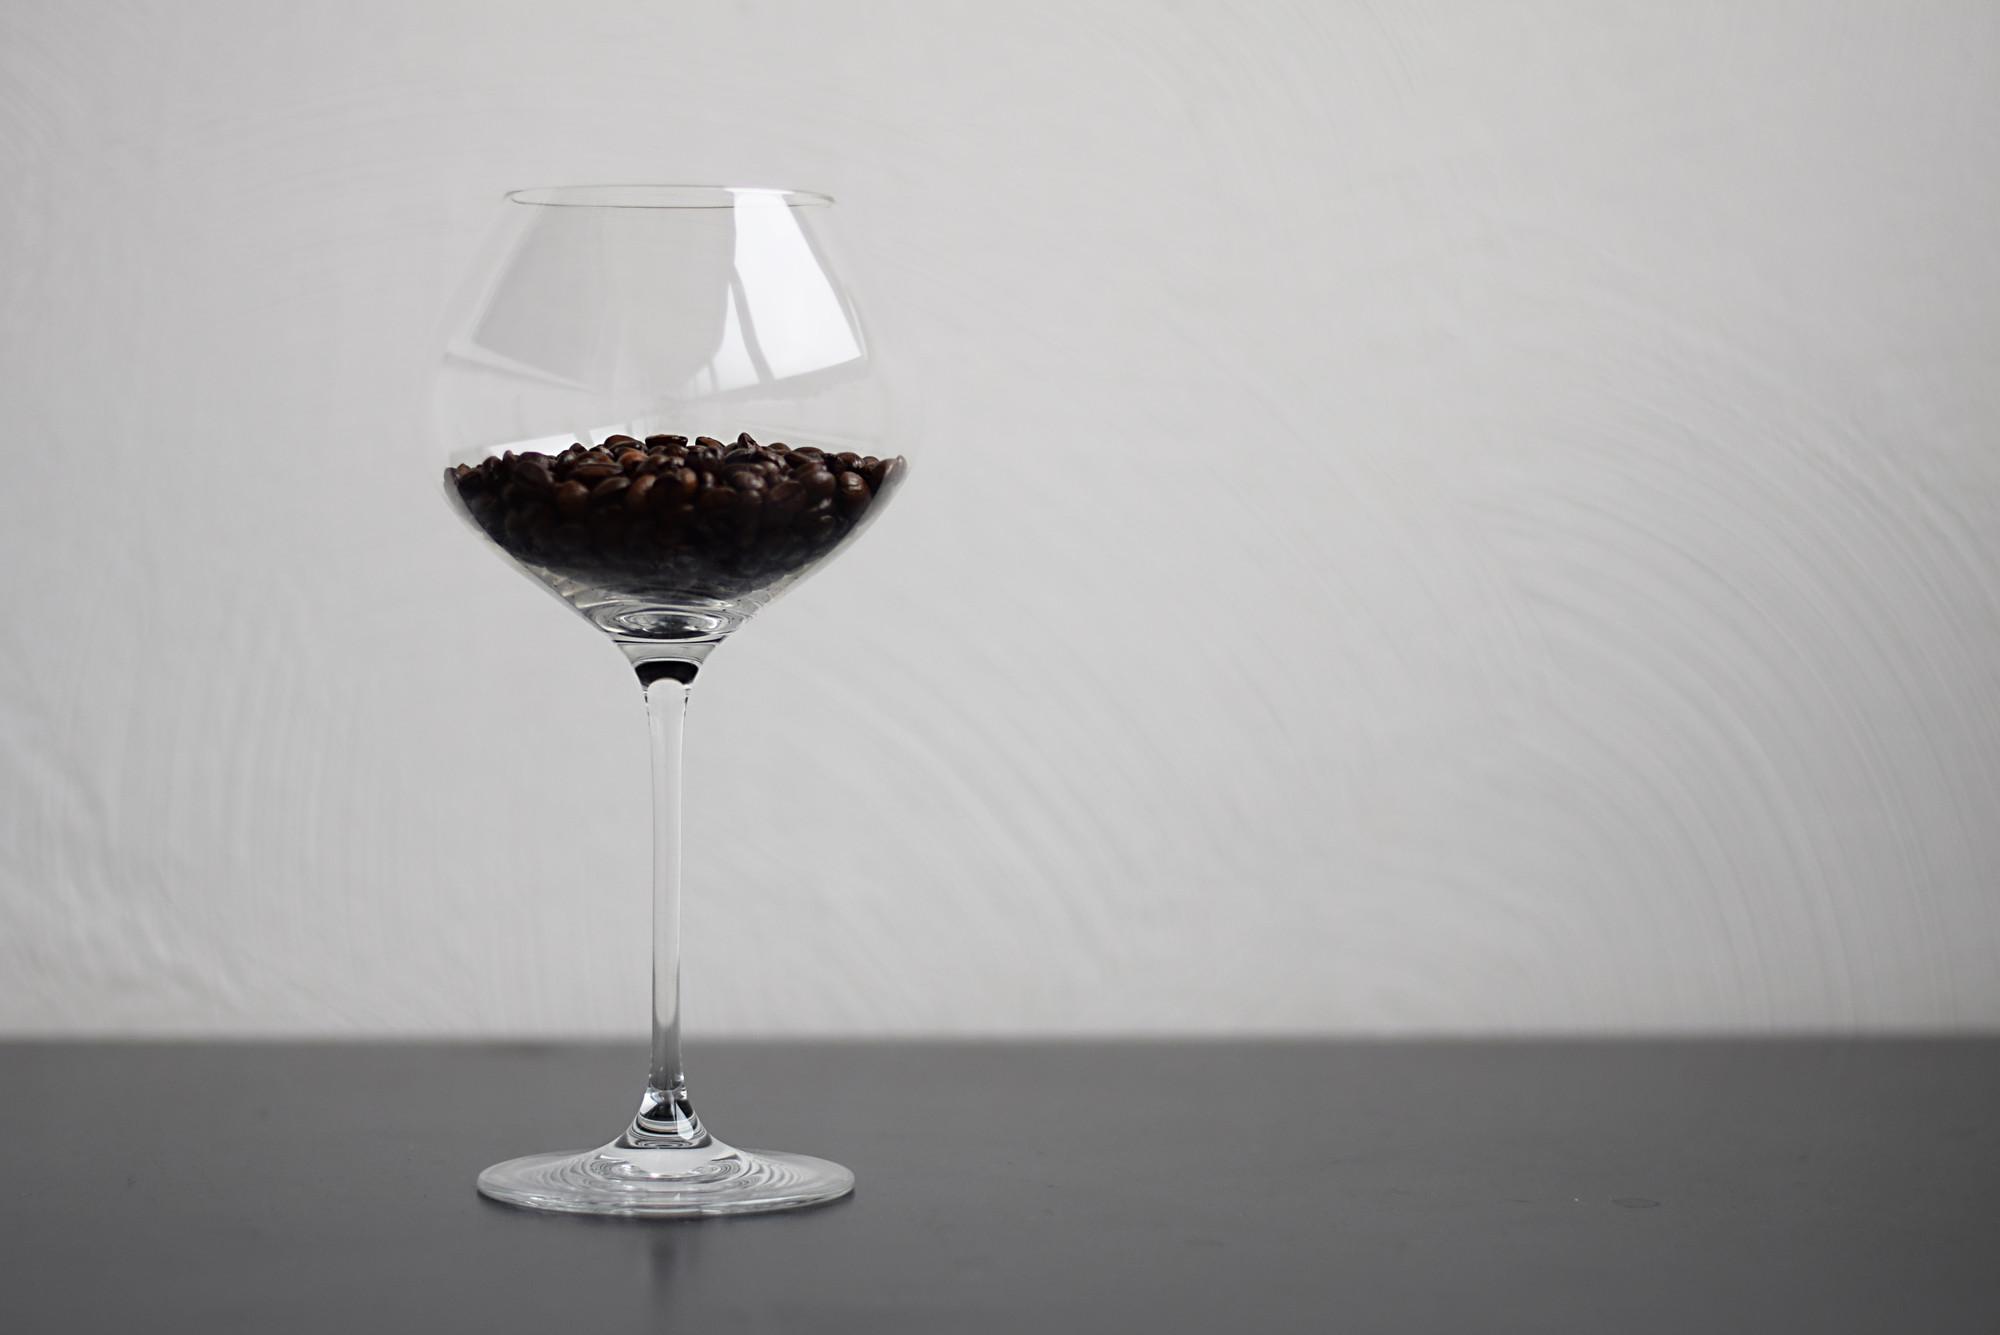 Помидоры, кофе и розы: из чего делают самые необычные вина